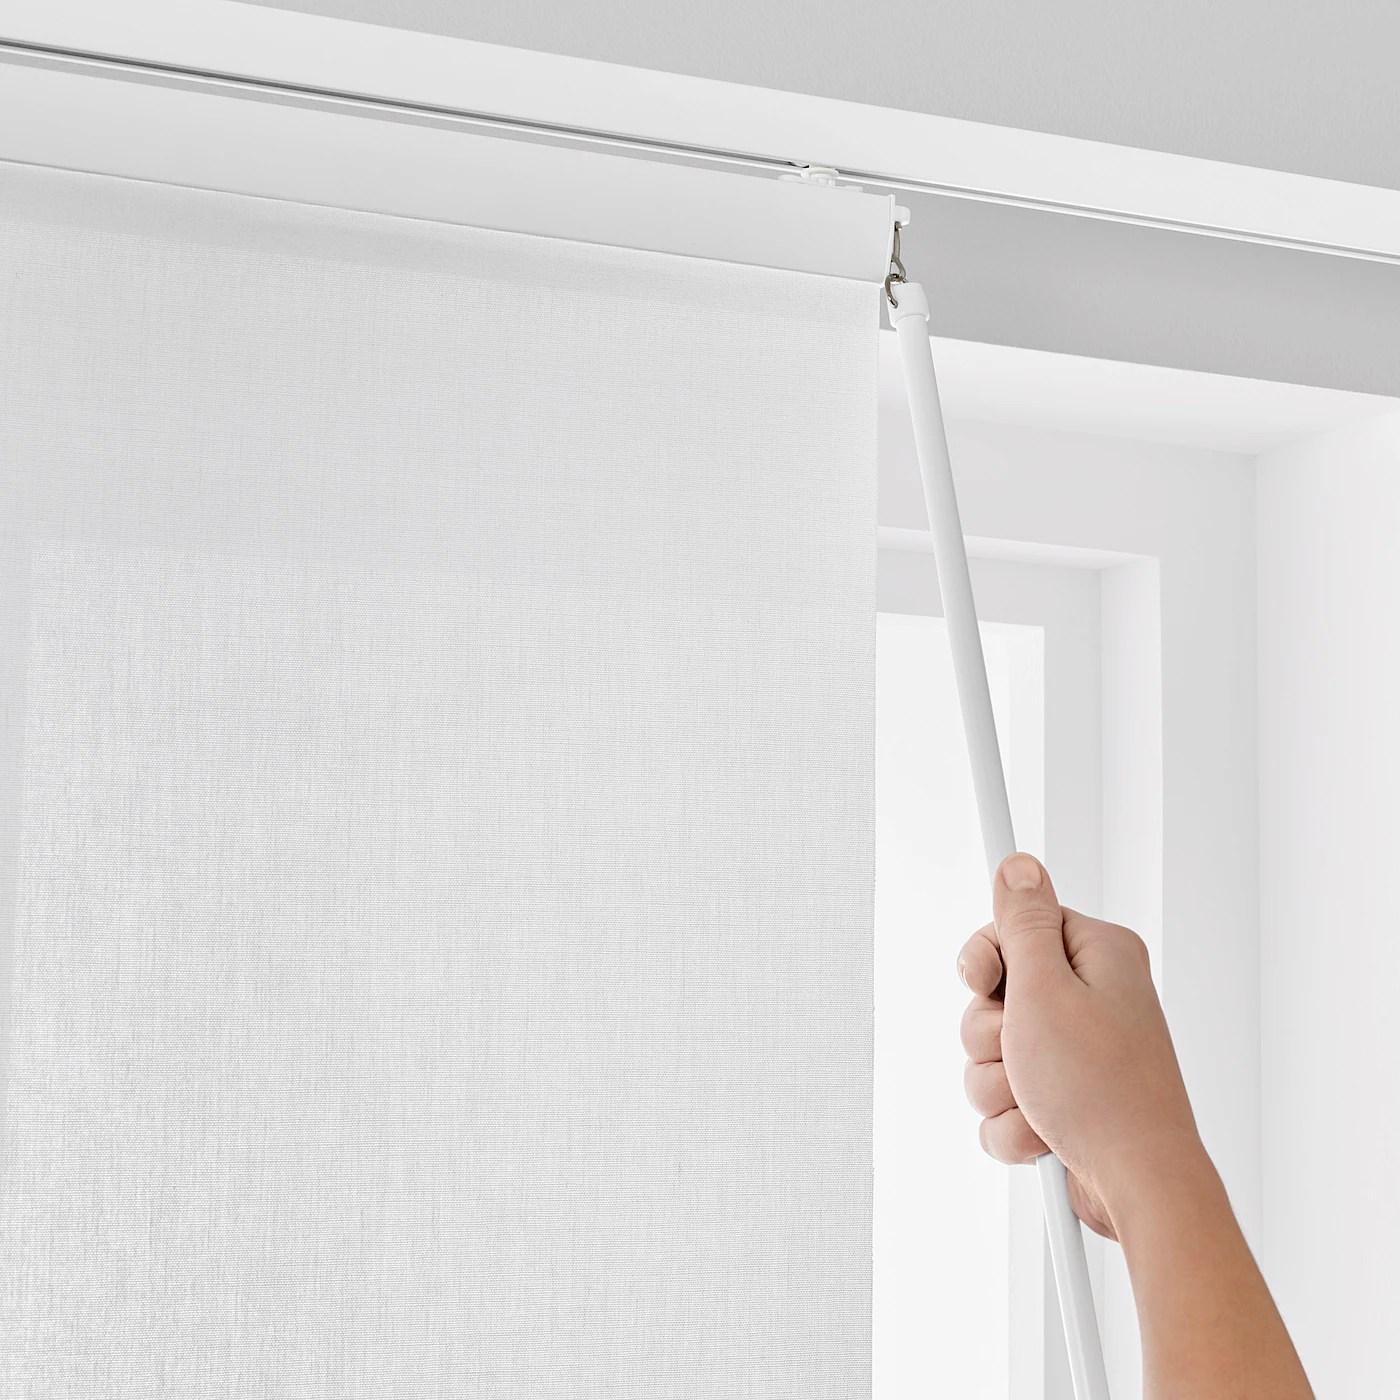 vidga support panneau blanc 60 cm